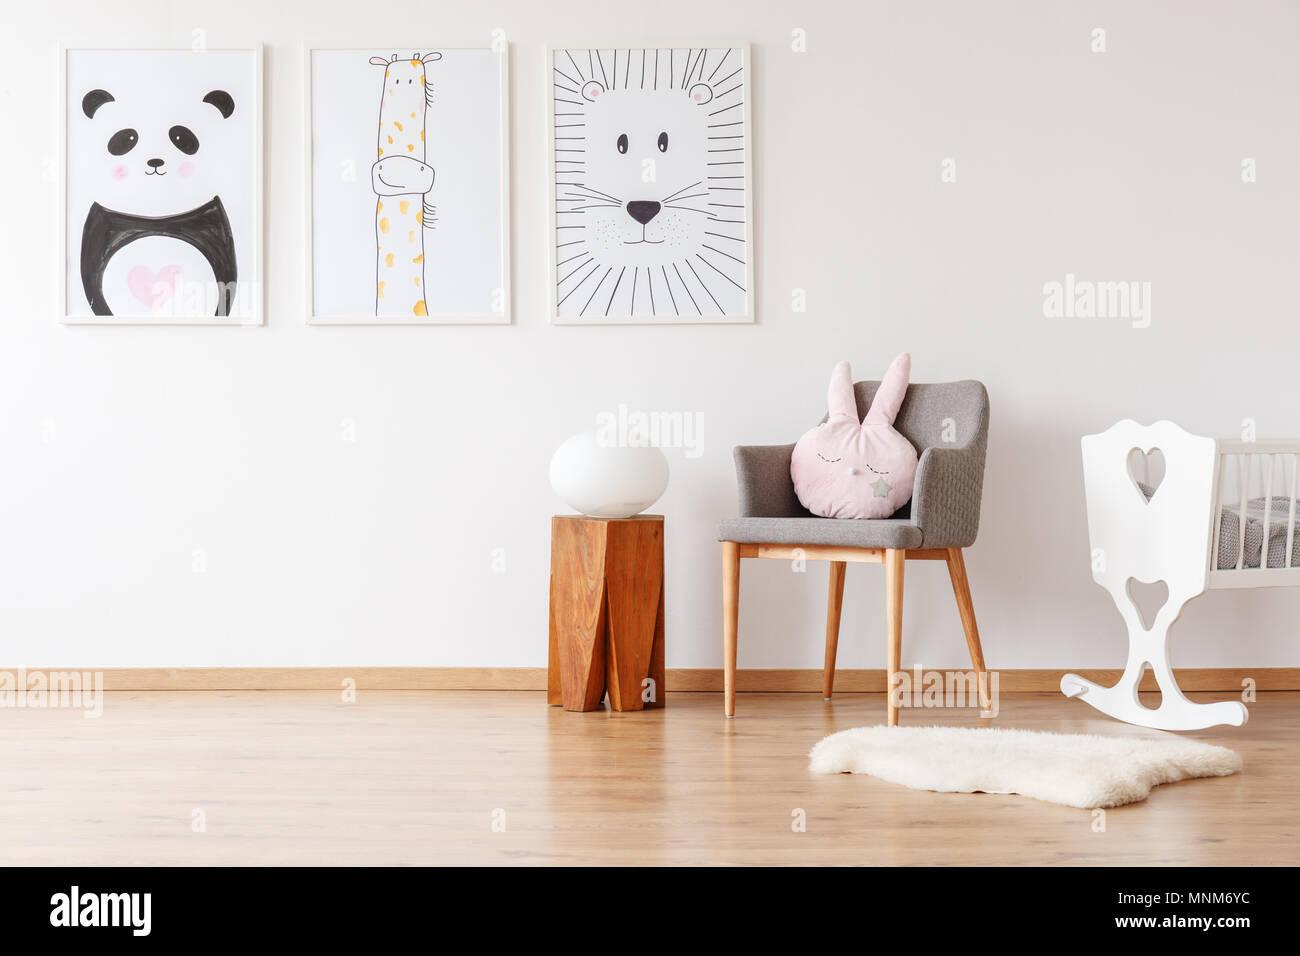 Lumière sur le tabouret en bois à côté de gray fauteuil avec coussin, lit bébé blanc et tapis chambre d'enfant avec galerie Banque D'Images